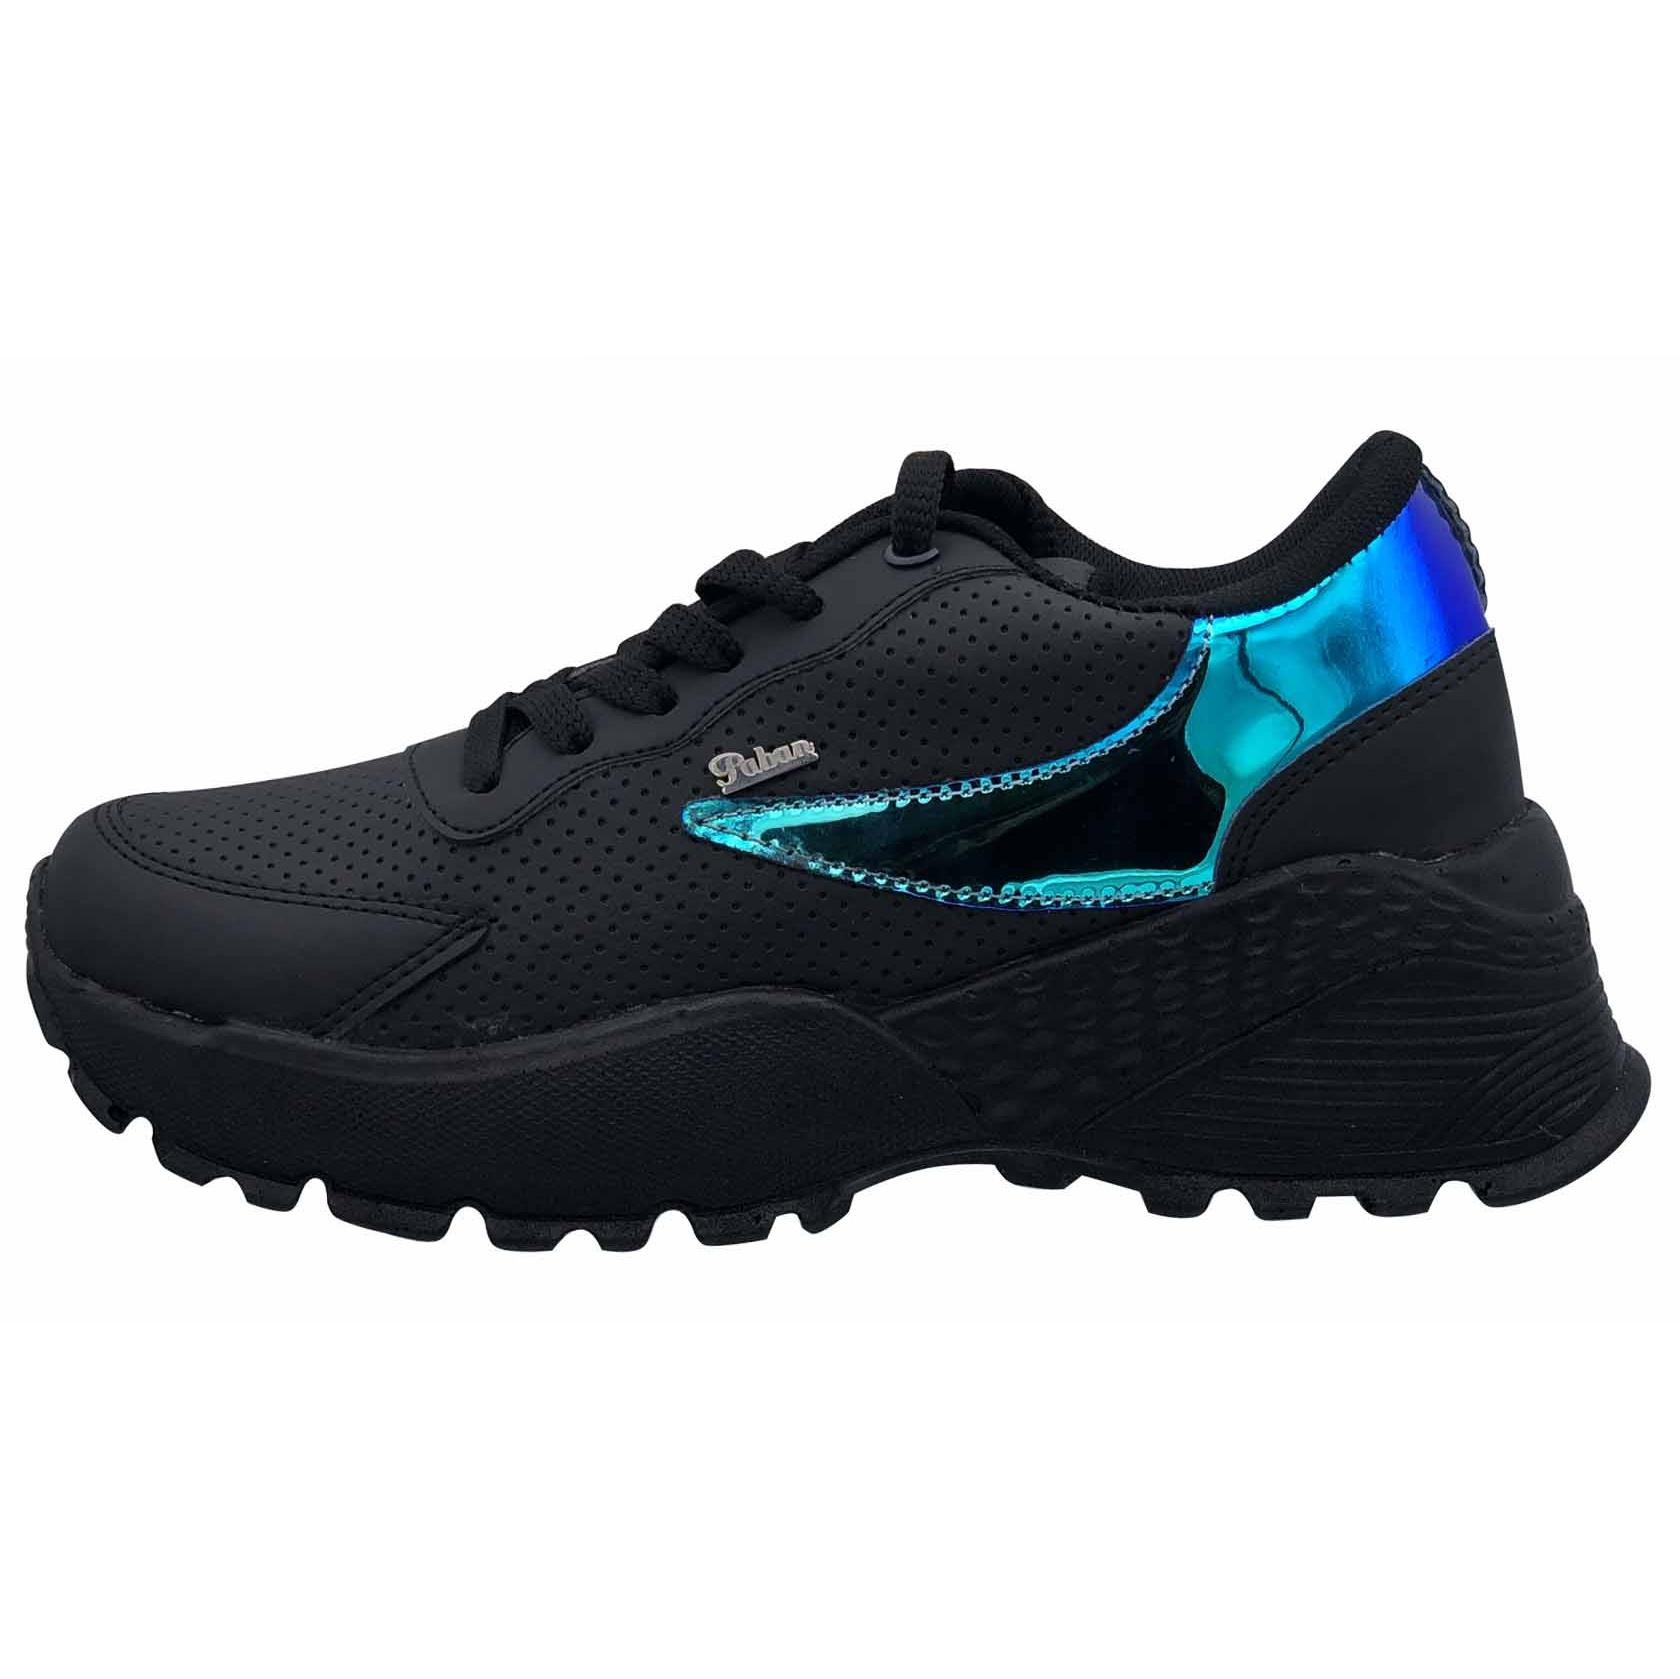 کفش مخصوص پیاده روی زنانه کد 9838